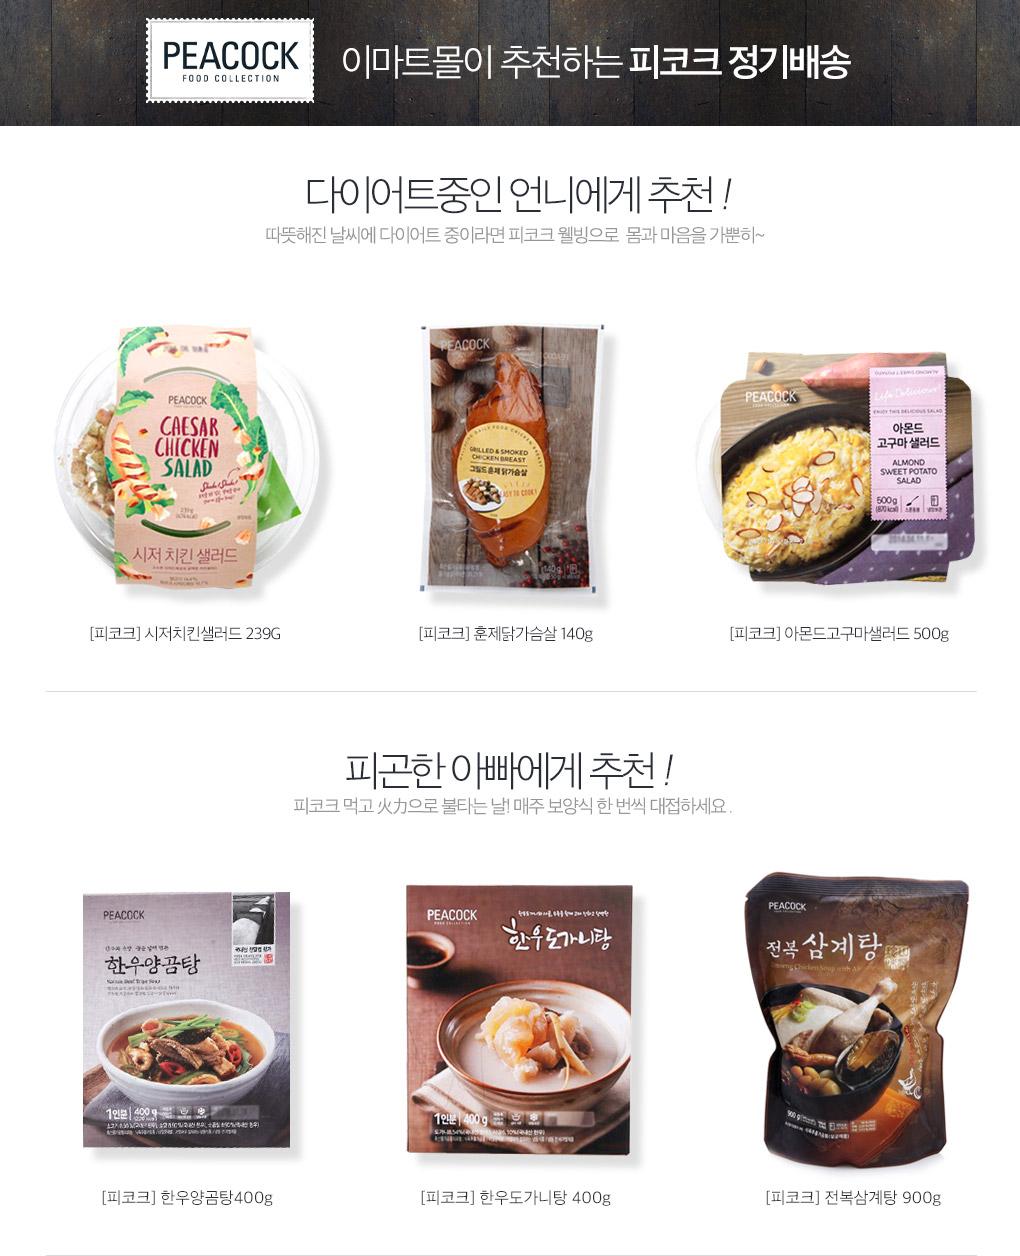 이마트몰이 추천하는 피코크 정기배송